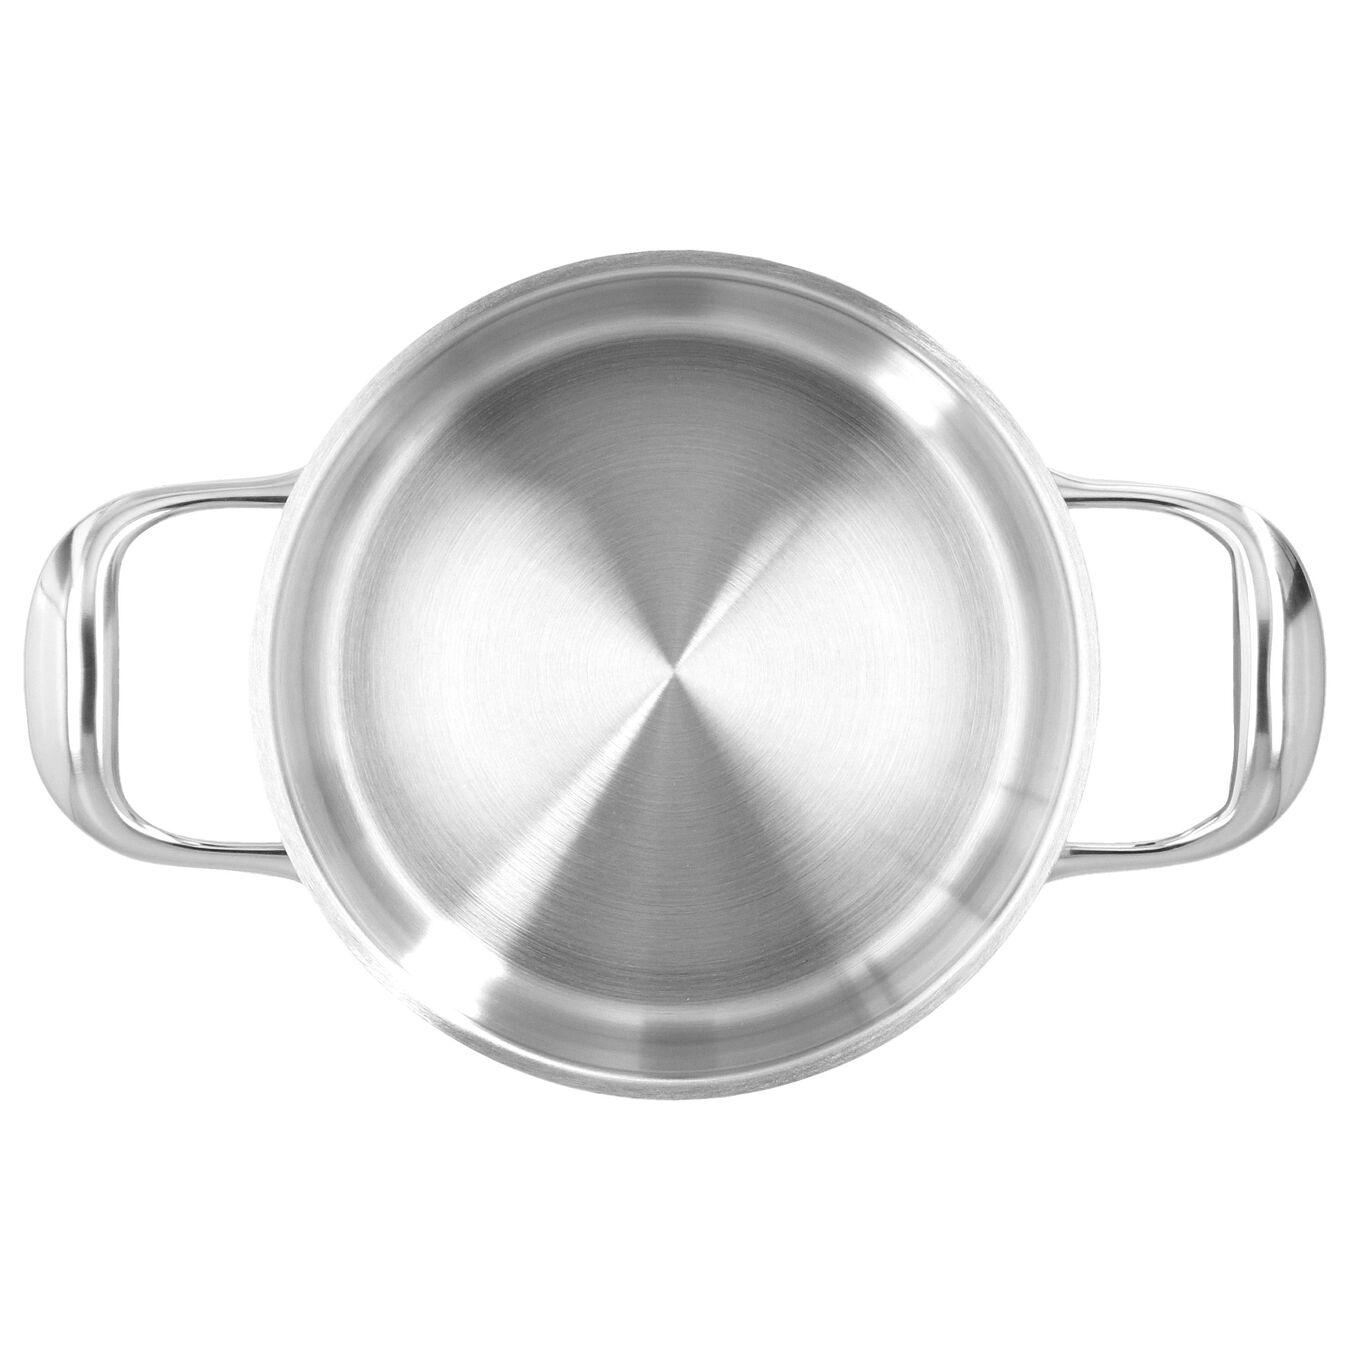 Kookpan met deksel 16 cm / 1.5 l,,large 6